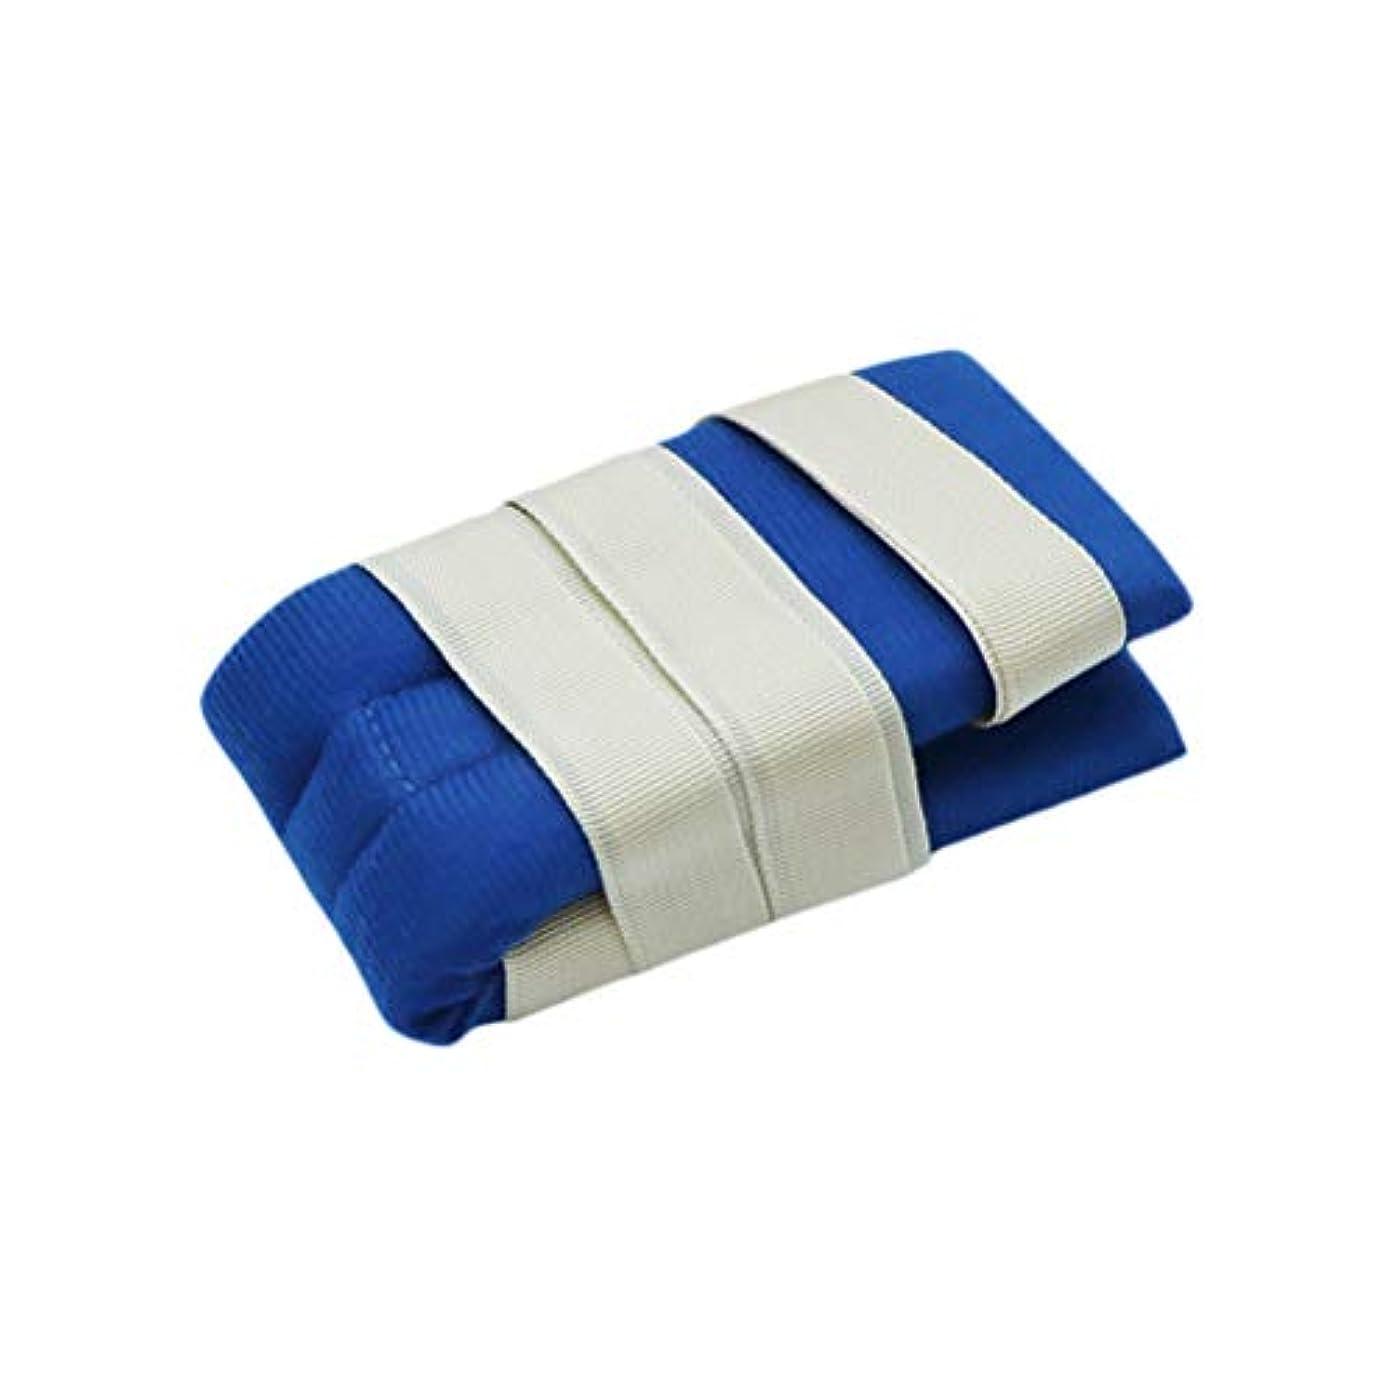 開始今までうなる手または足のための柔らかい医学の制限の革紐バンド病院用ベッドの肢のホールダー患者のための普遍的な抑制制御クイックリリースバンド